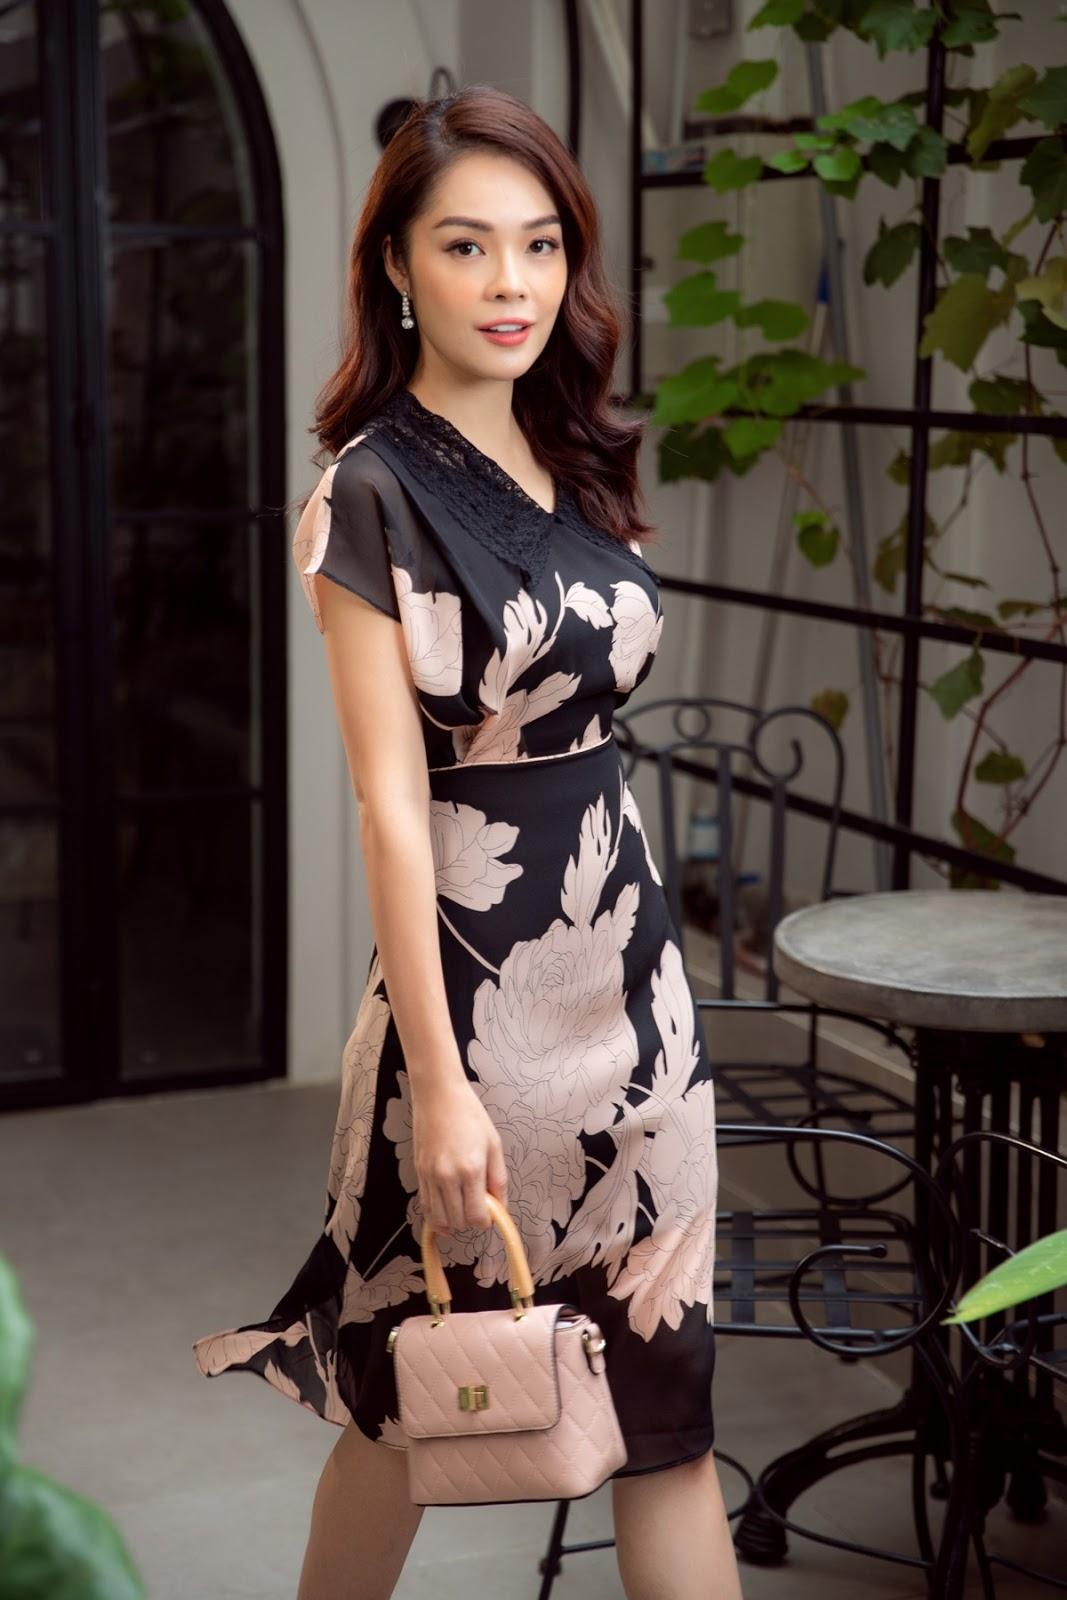 Dương Cẩm Lynh: Mặc đẹp, thời trang và chỉn chu thể hiện sự tôn trọng chính mình và người khác - Hình 10